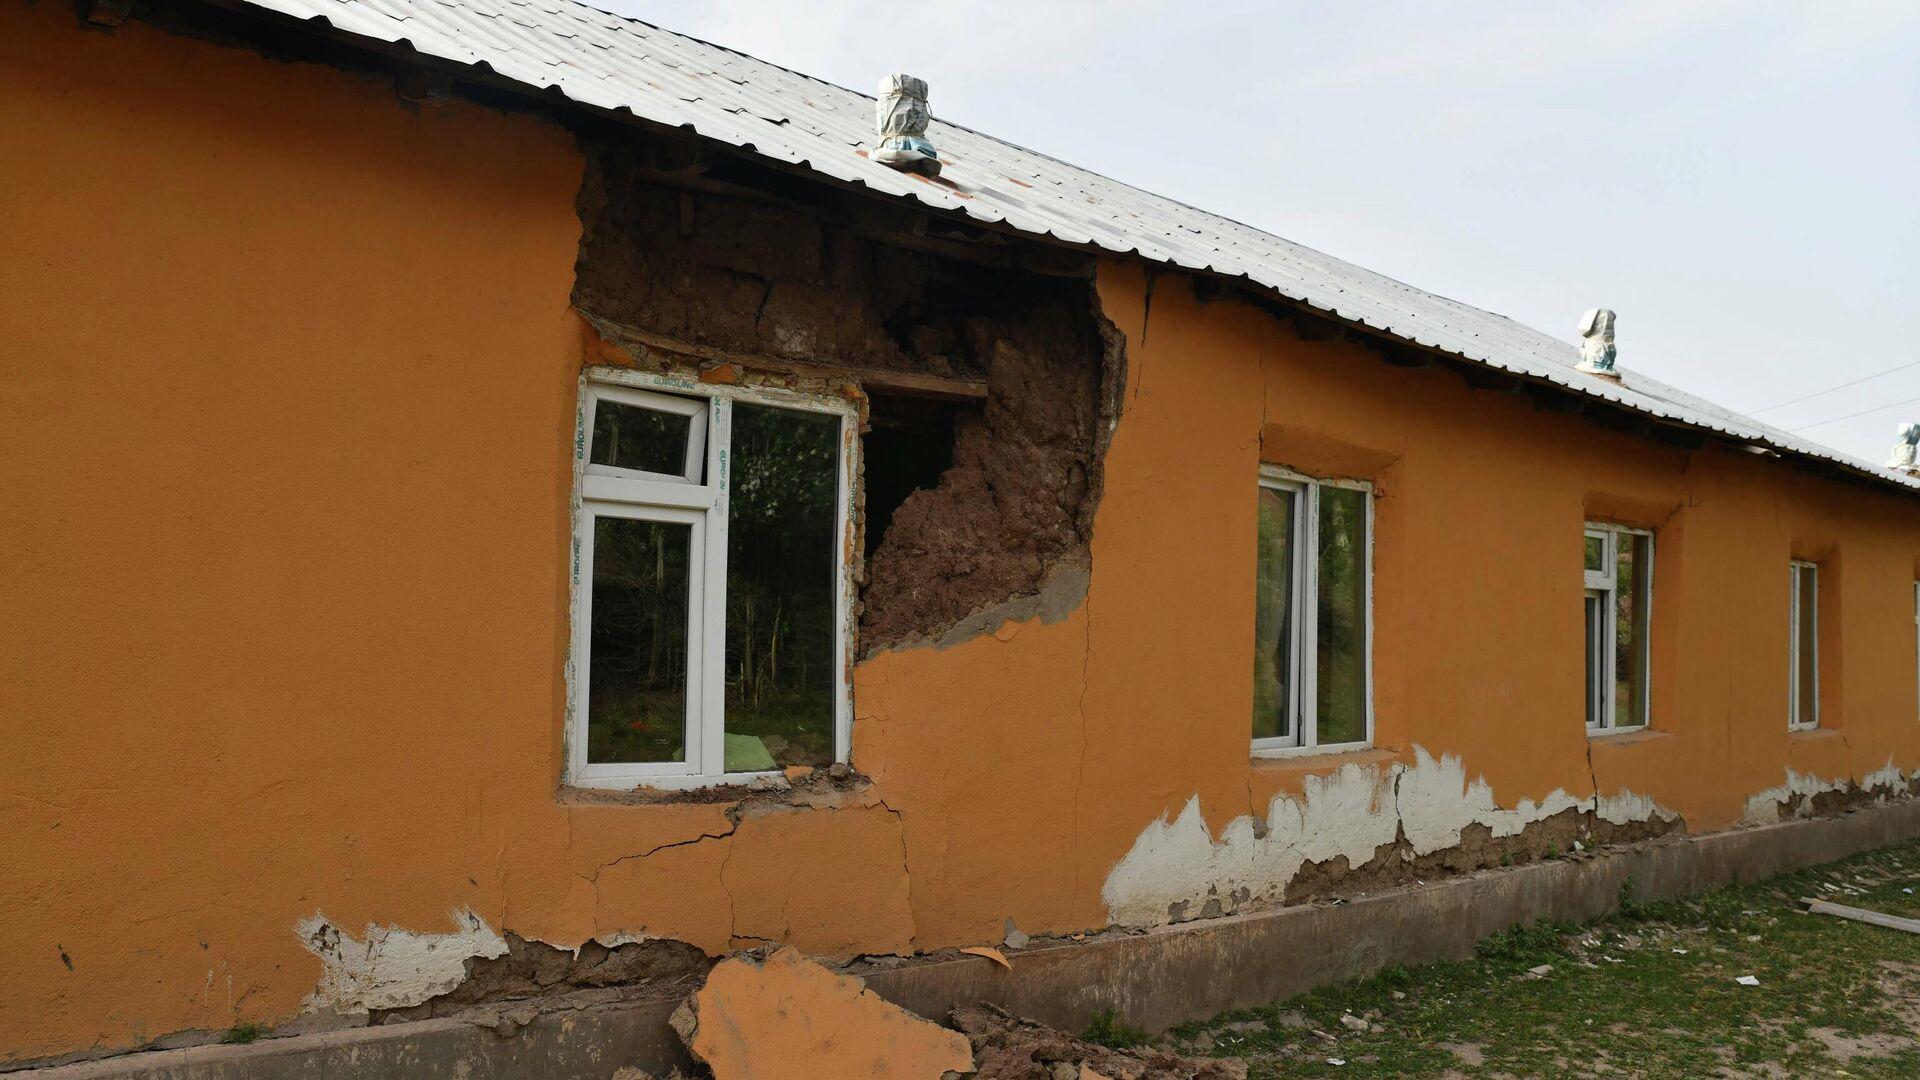 Последствия землетрясения в Лангари Шох - Sputnik Таджикистан, 1920, 12.07.2021